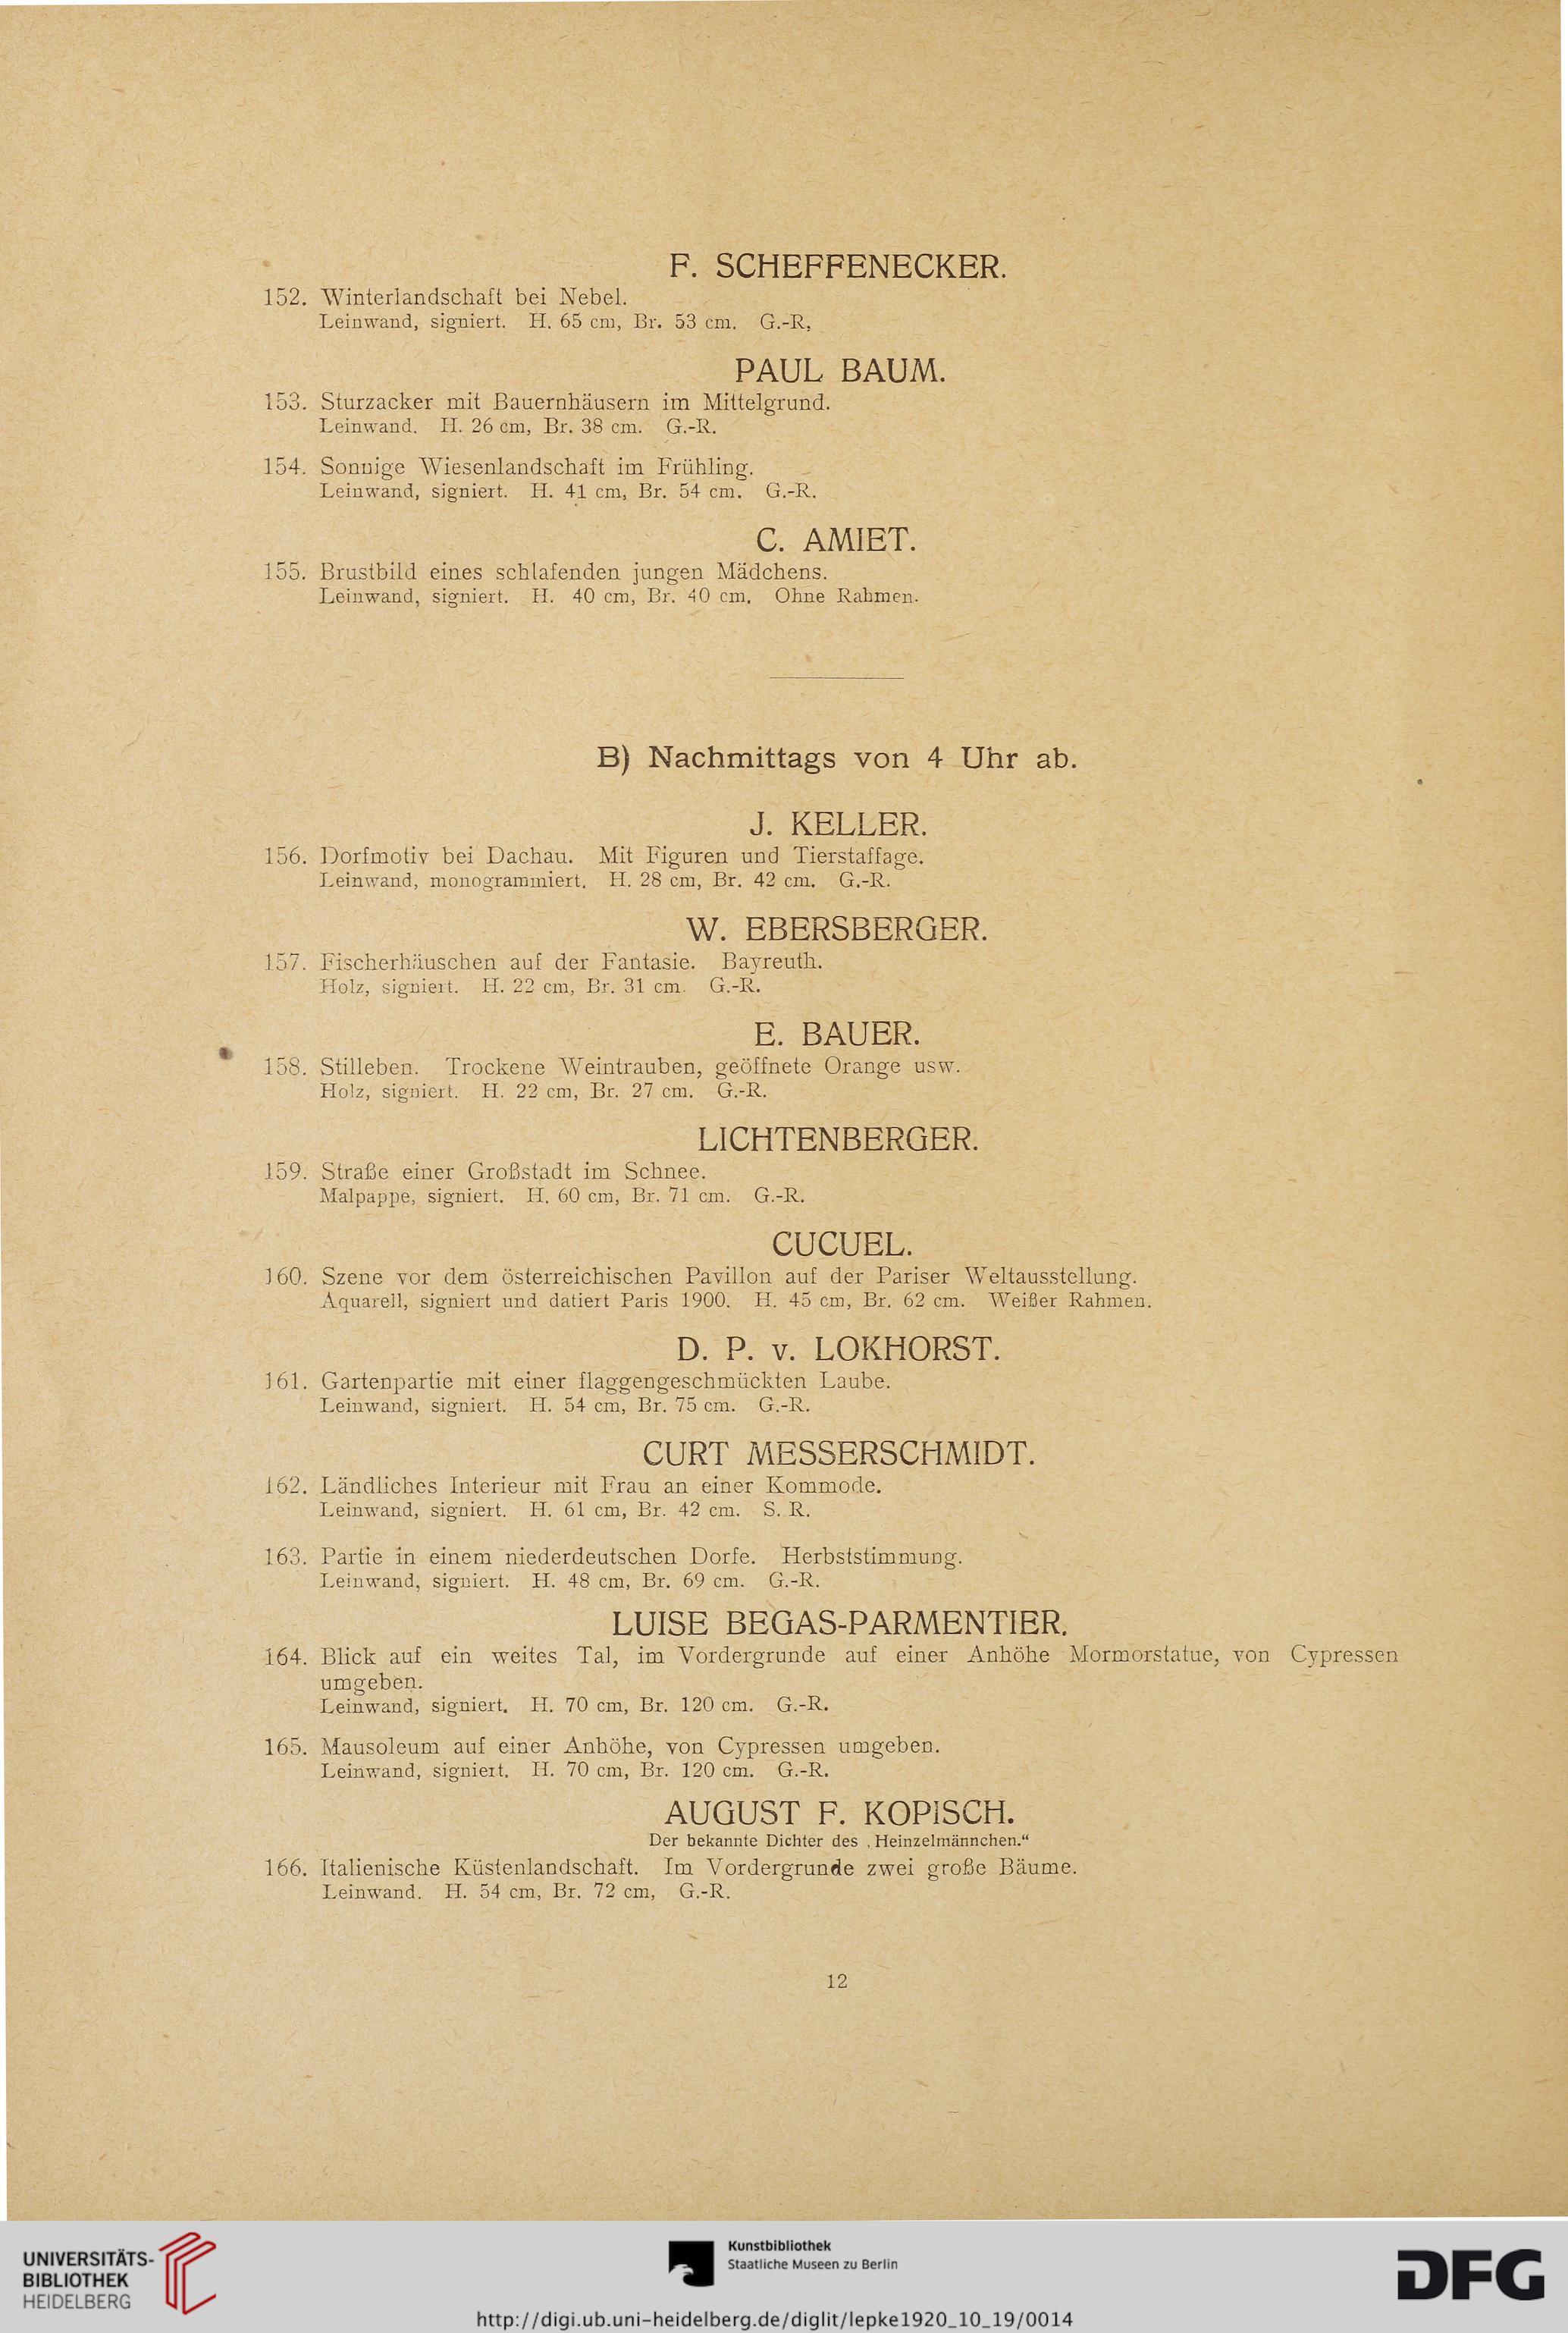 Rudolph Lepke\'s Kunst-Auctions-Haus: Gemälde, Aquarelle, Pastelle ...